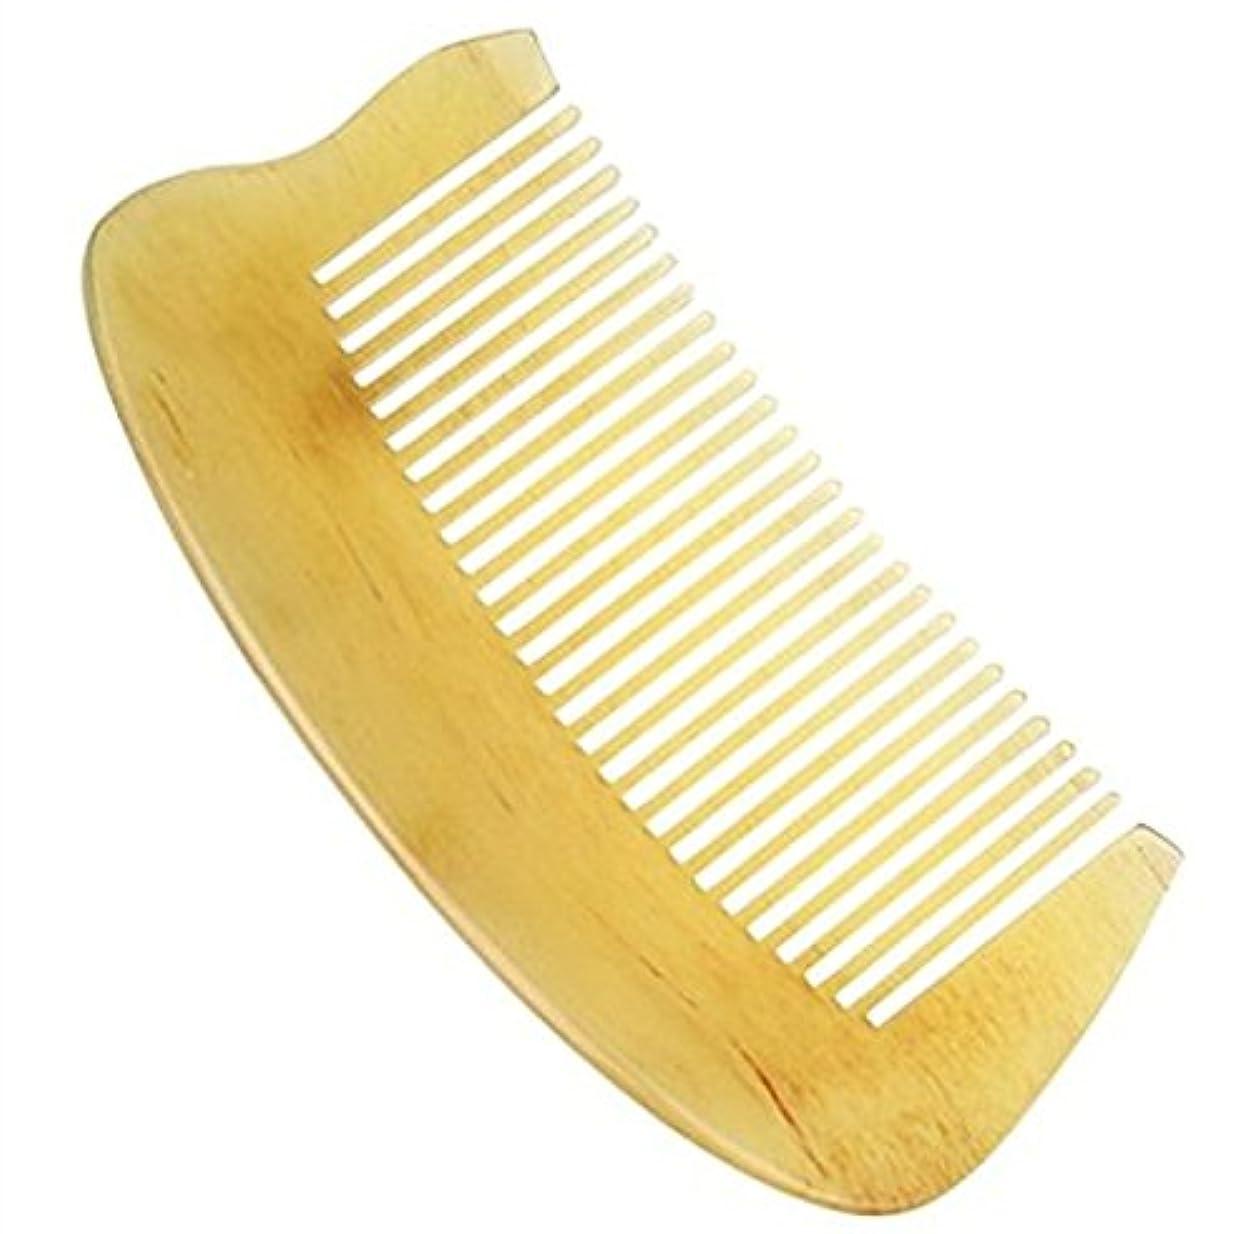 アナウンサー気付くミス櫛型 プロも使う羊角かっさプレート マサージ用 血行改善 高級 天然 静電気 防止 美髪